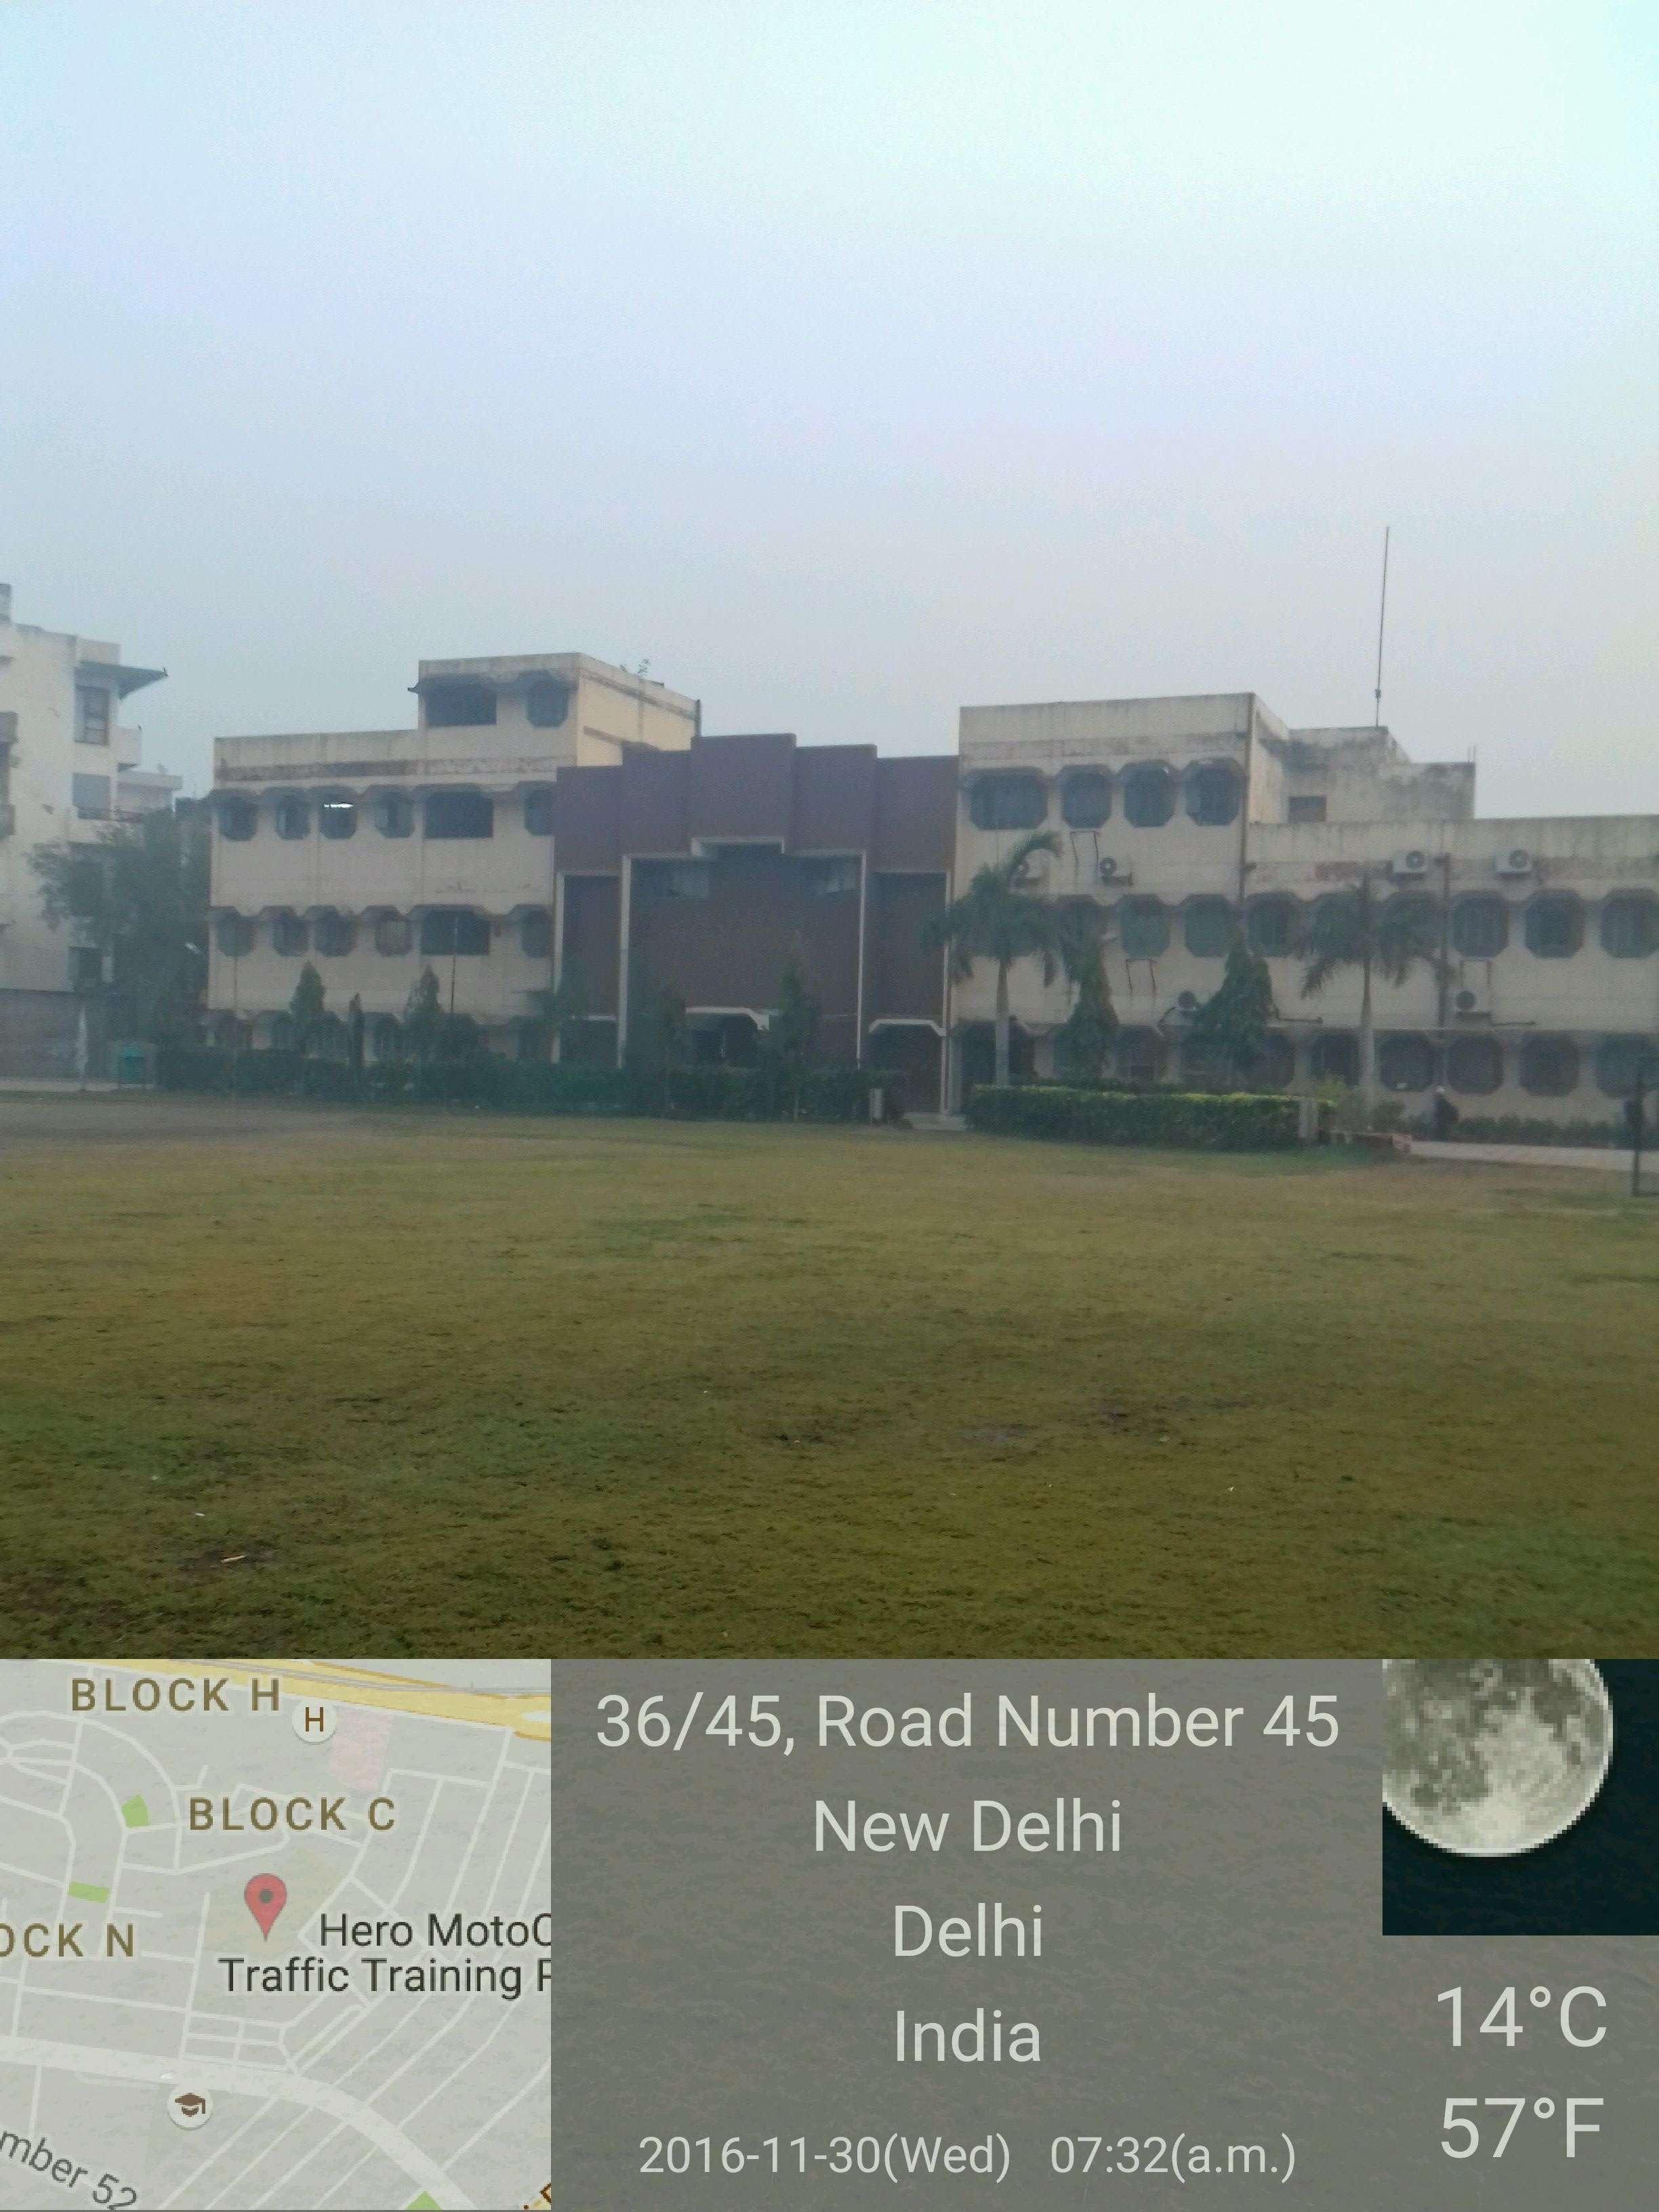 S M ARYA PUBLIC SCHOOL ROAD NO 45 PUNJABI BAGH NEW DELHI 2730059